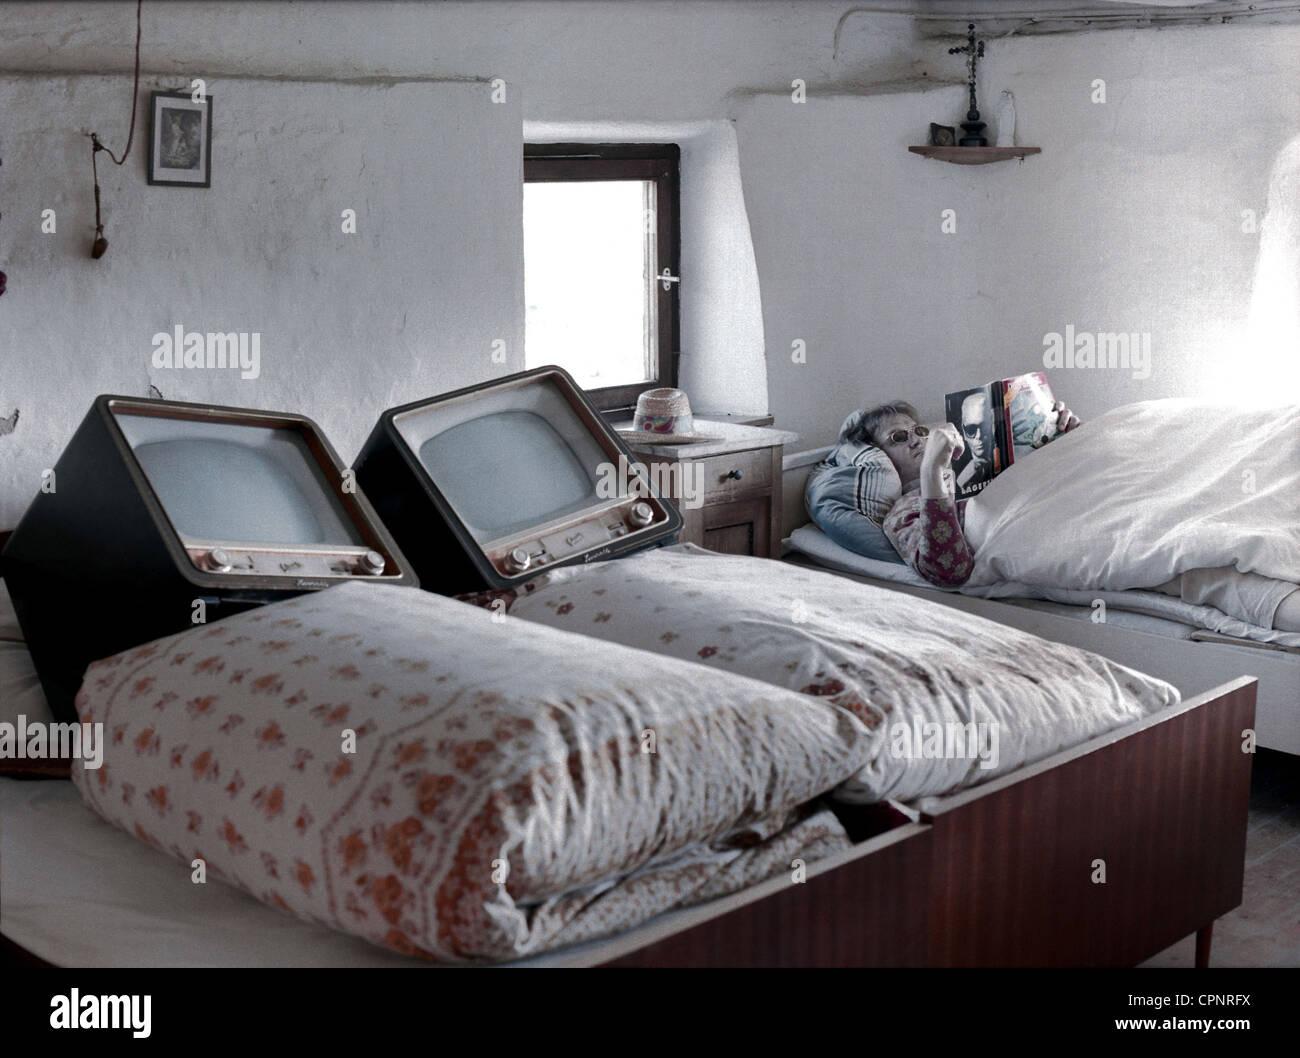 Rundfunk, Fernsehen, zwei Fernseher im Bett, im Schlafzimmer ...